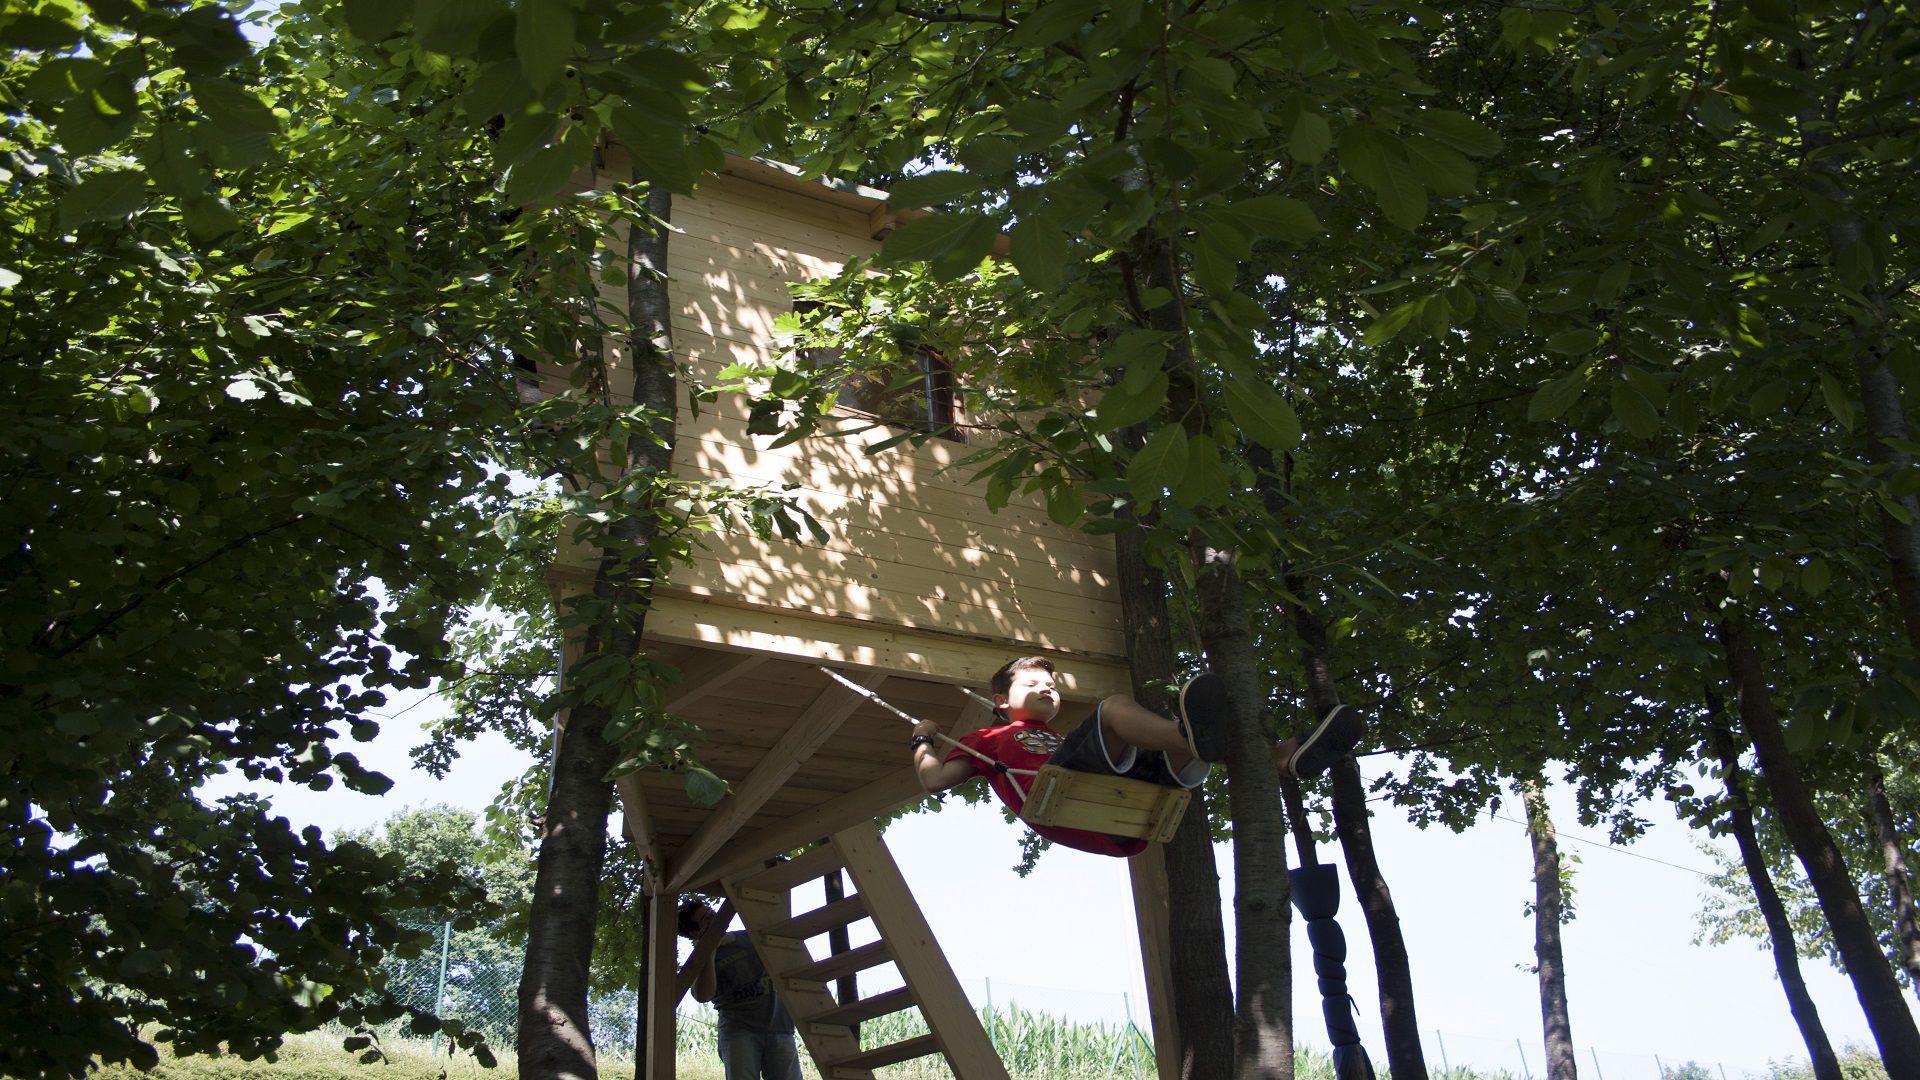 casetta sugli alberi